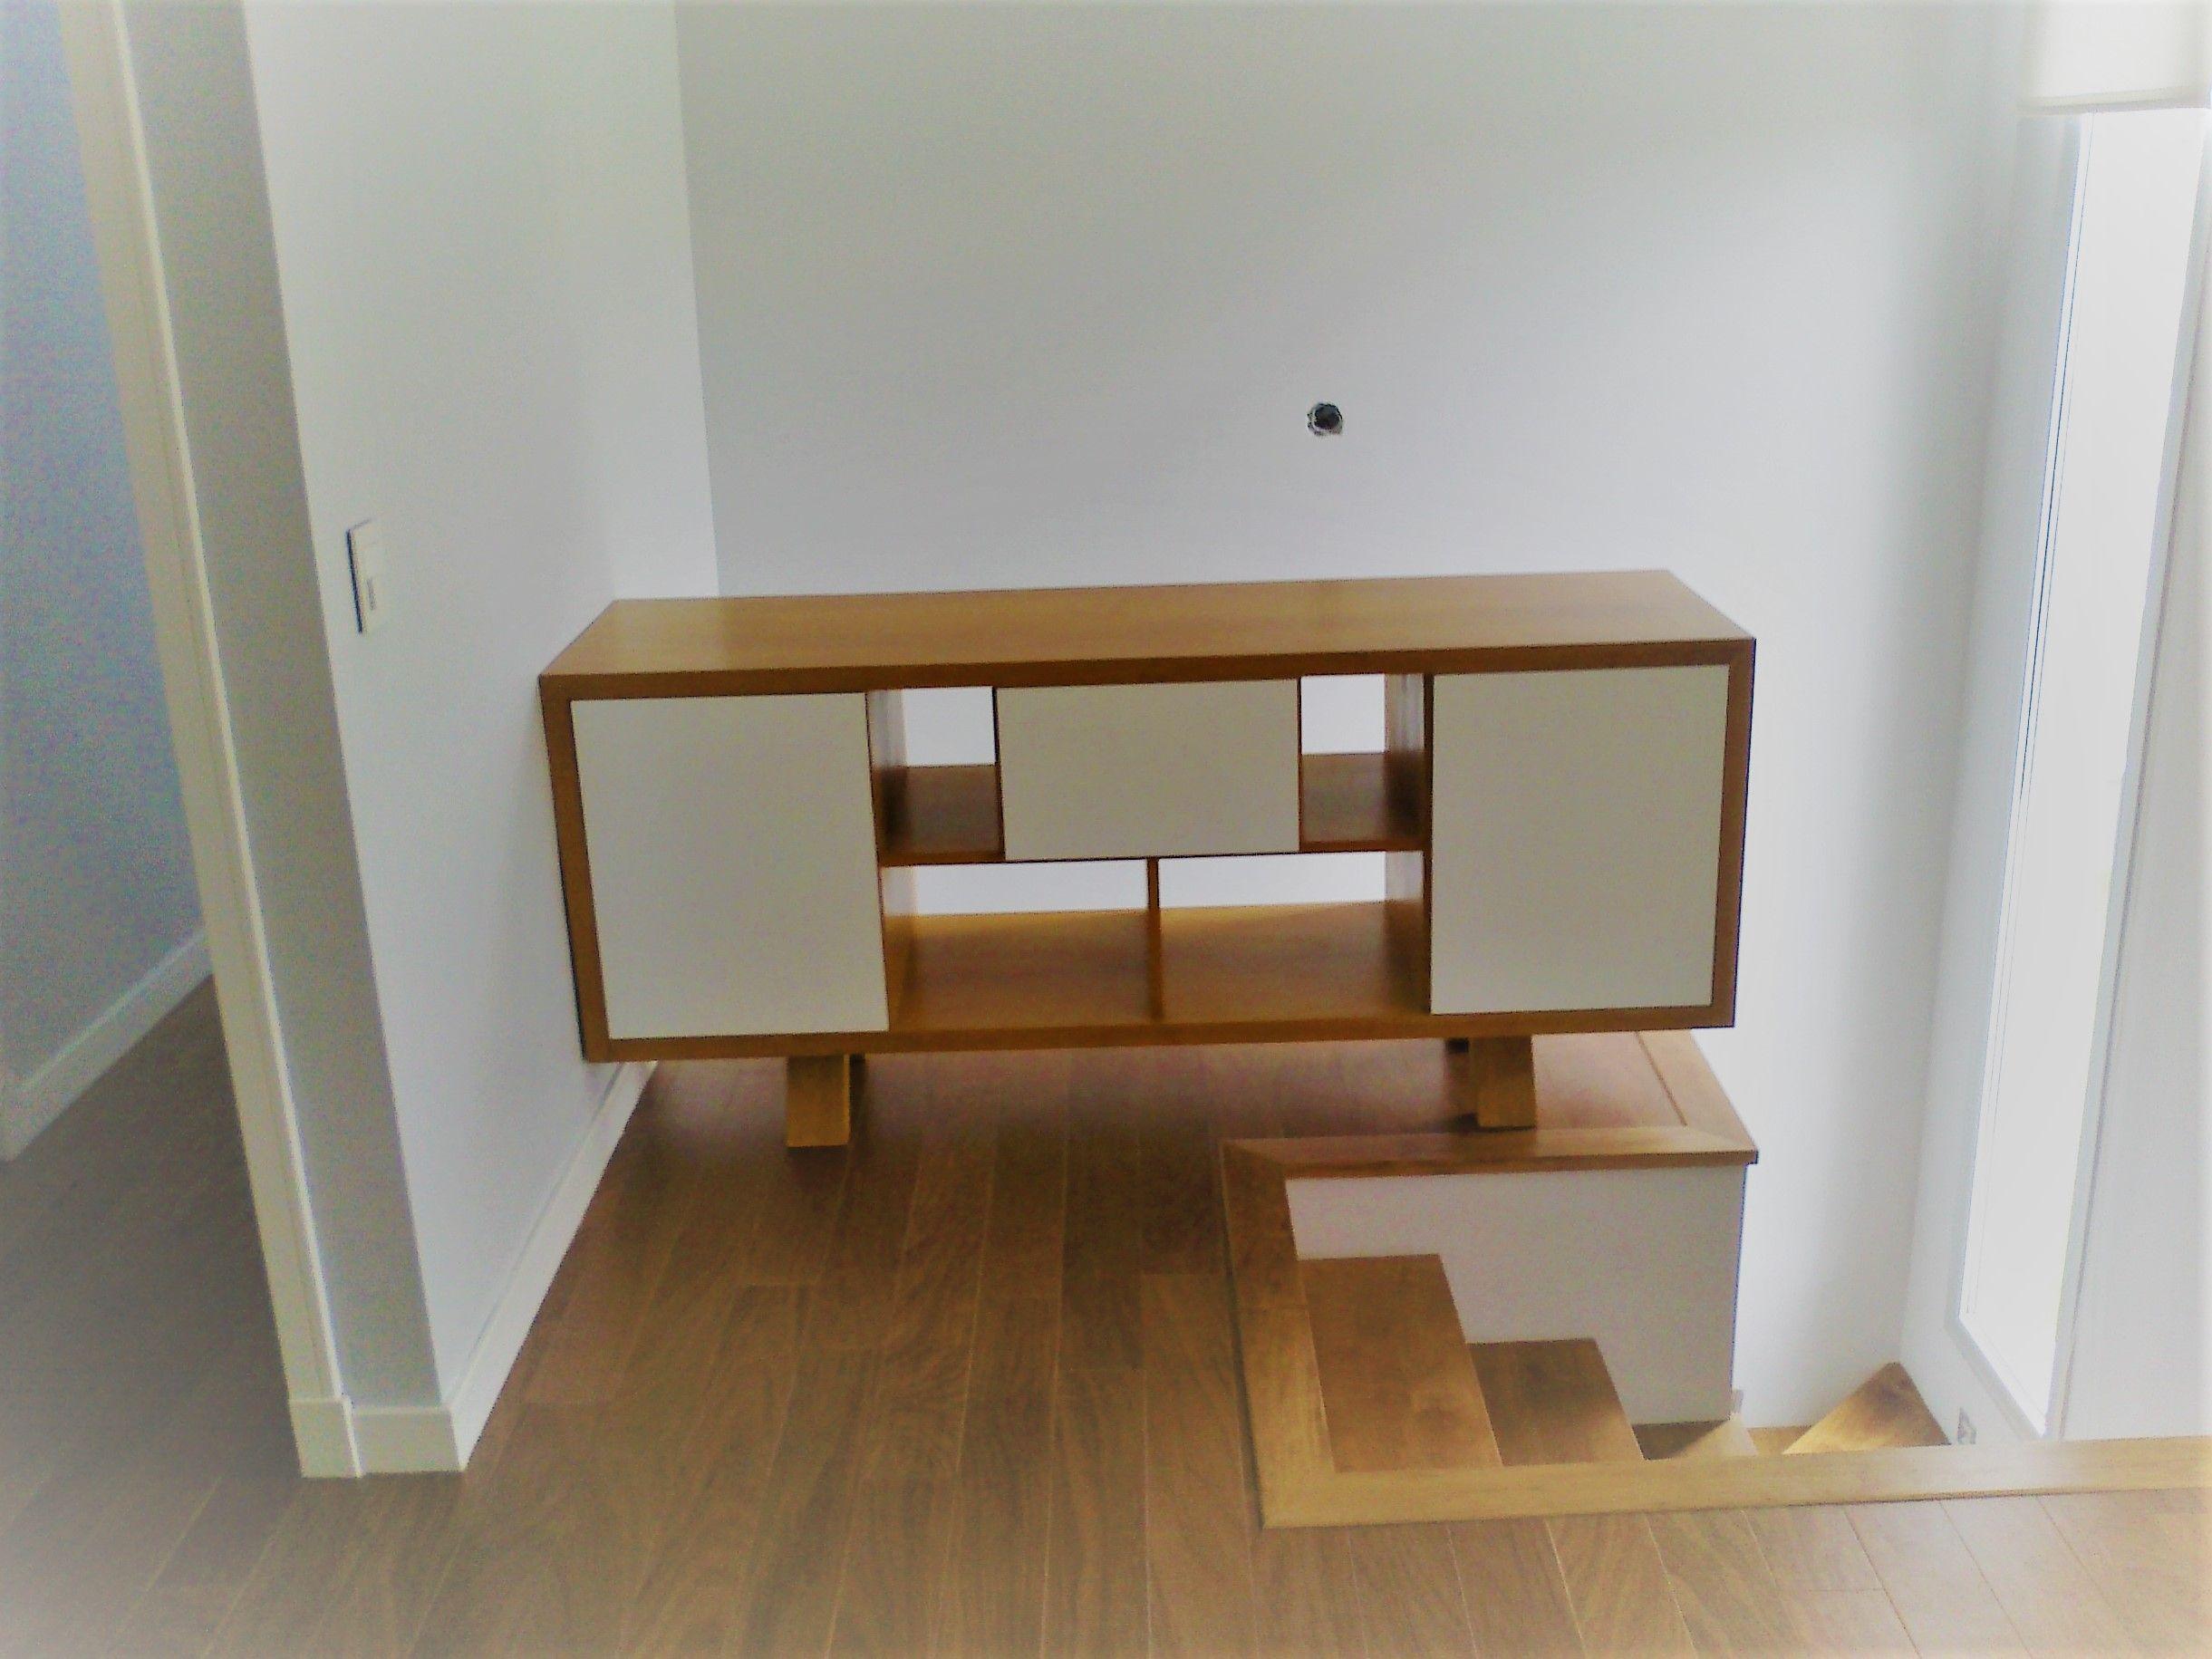 Mueble Combinado En Madera Con Lustre Y Laqueado Blanco Muebles  # Muebles Naucalpan Juarez